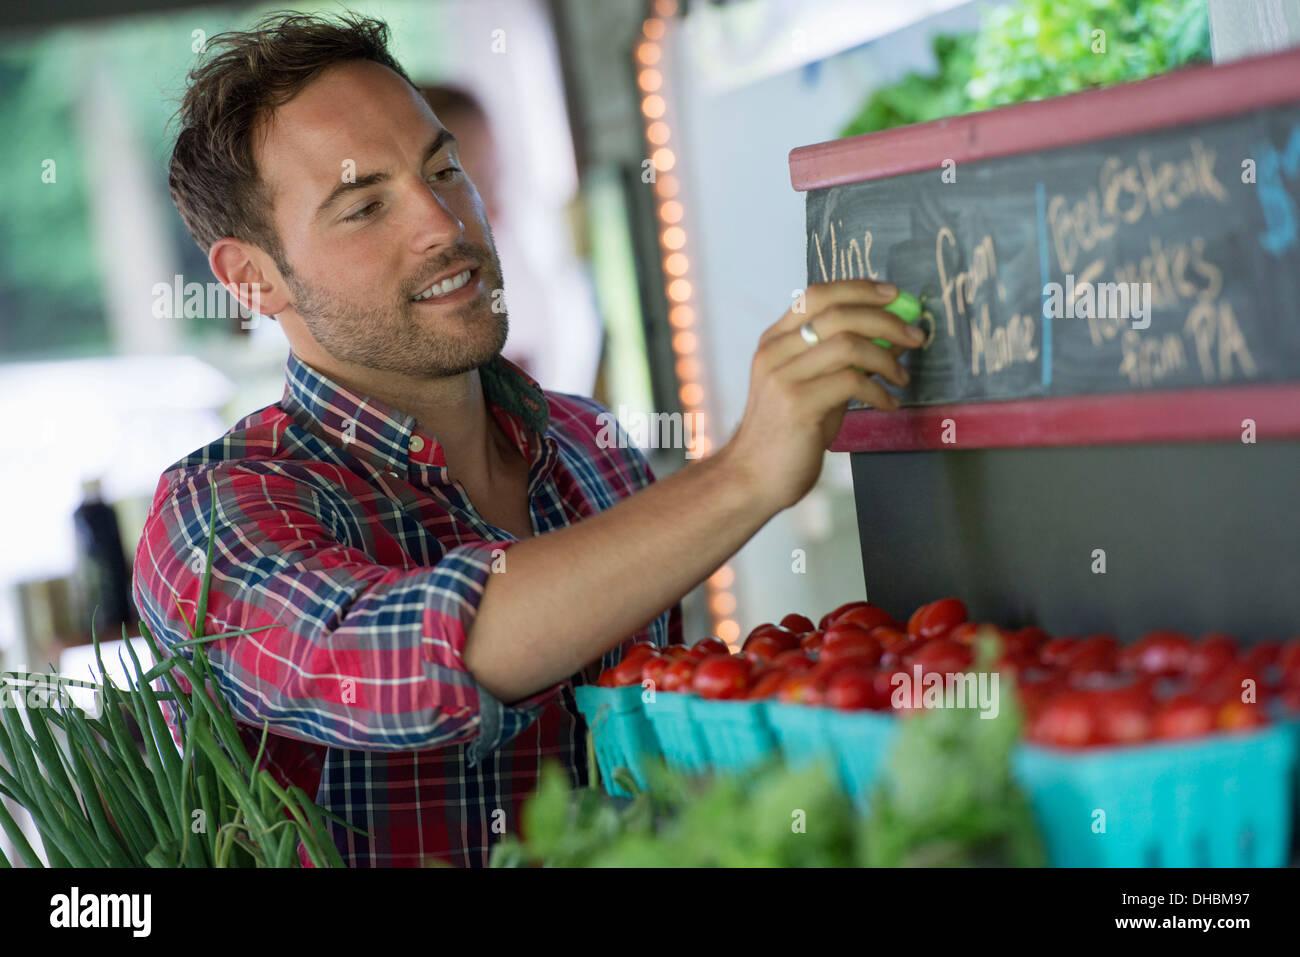 Un stand de frutas orgánicas. Un hombre entizamiento subir los precios en la pizarra. Imagen De Stock